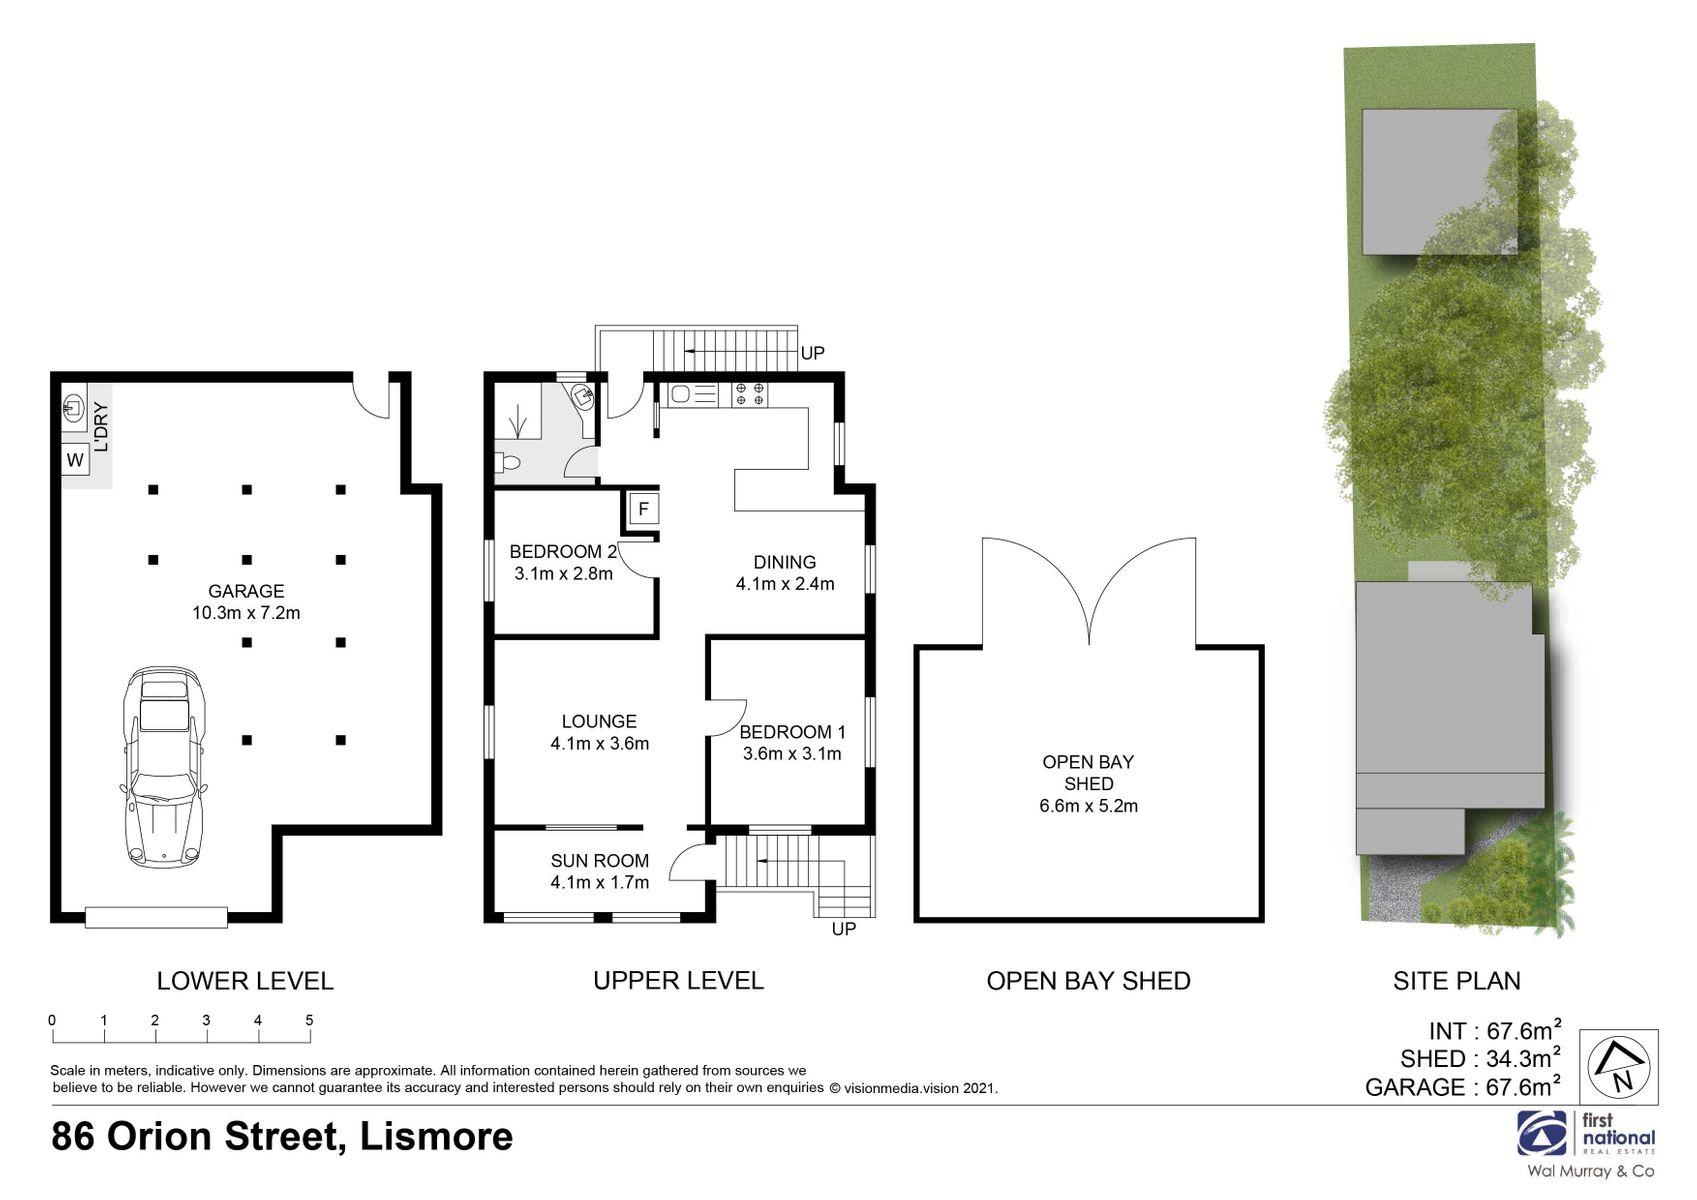 86 Orion Street, Lismore, NSW 2480